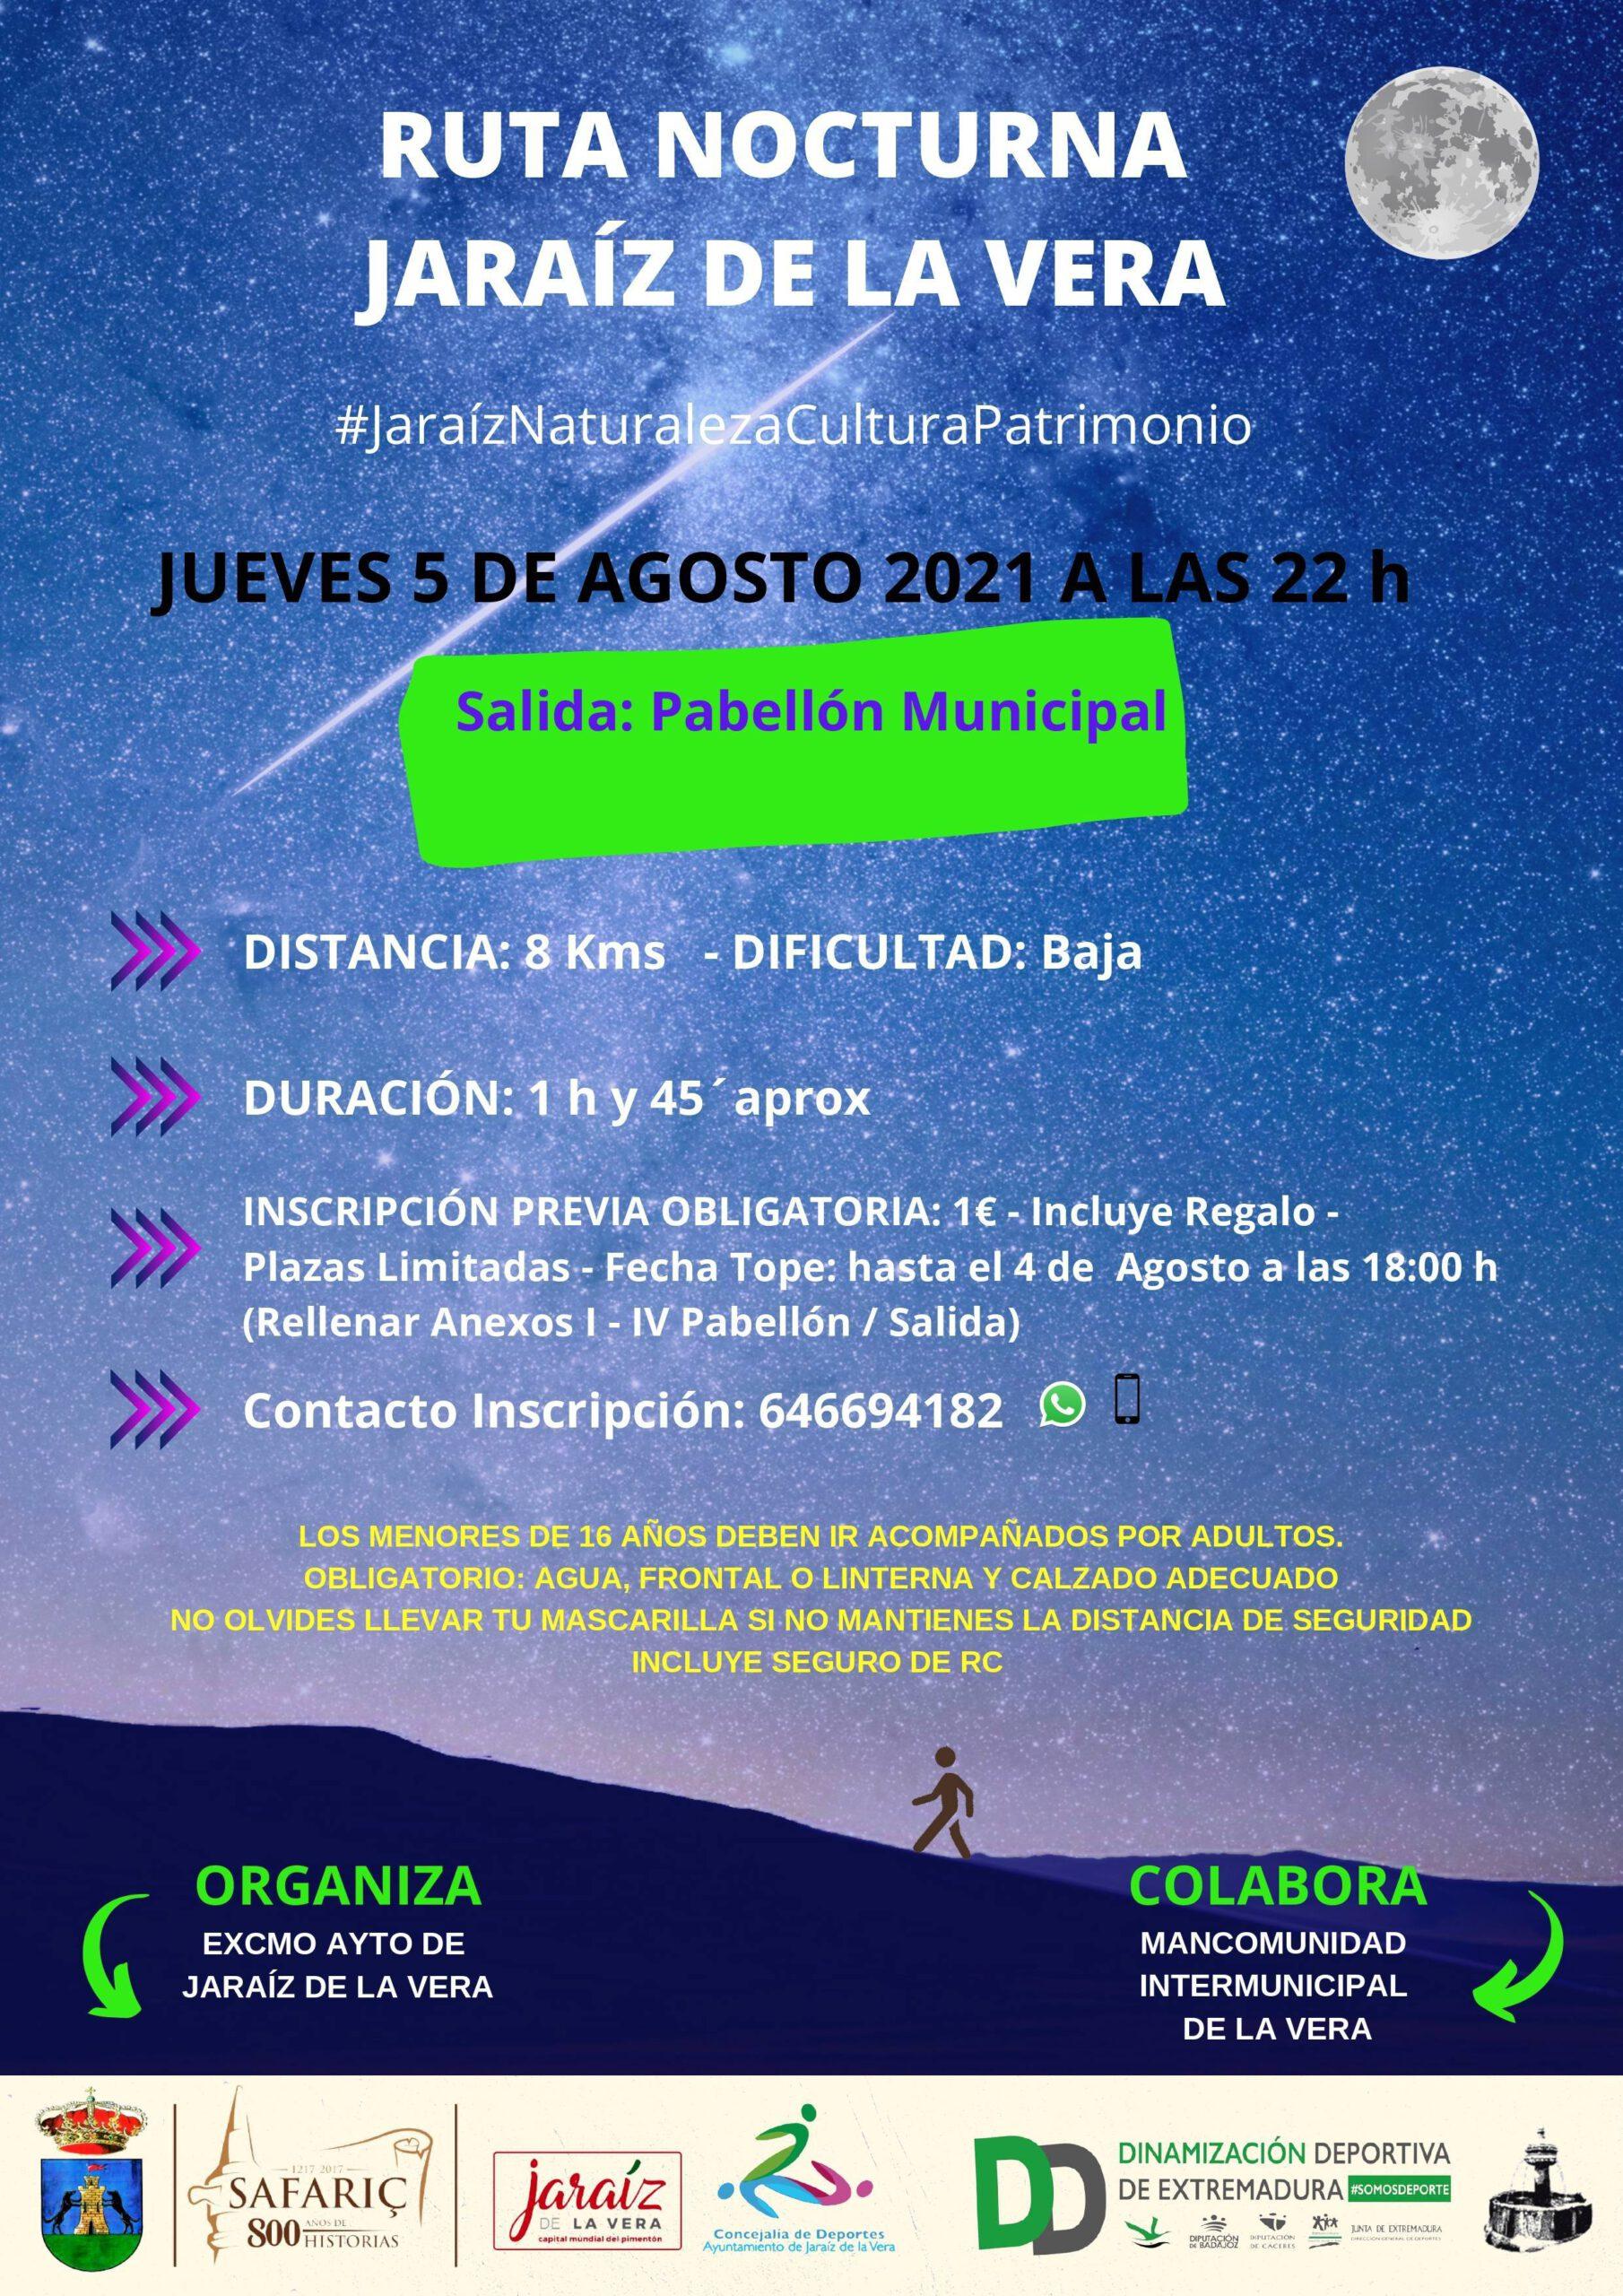 Ruta nocturna (2021) - Jaraíz de la Vera (Cáceres)